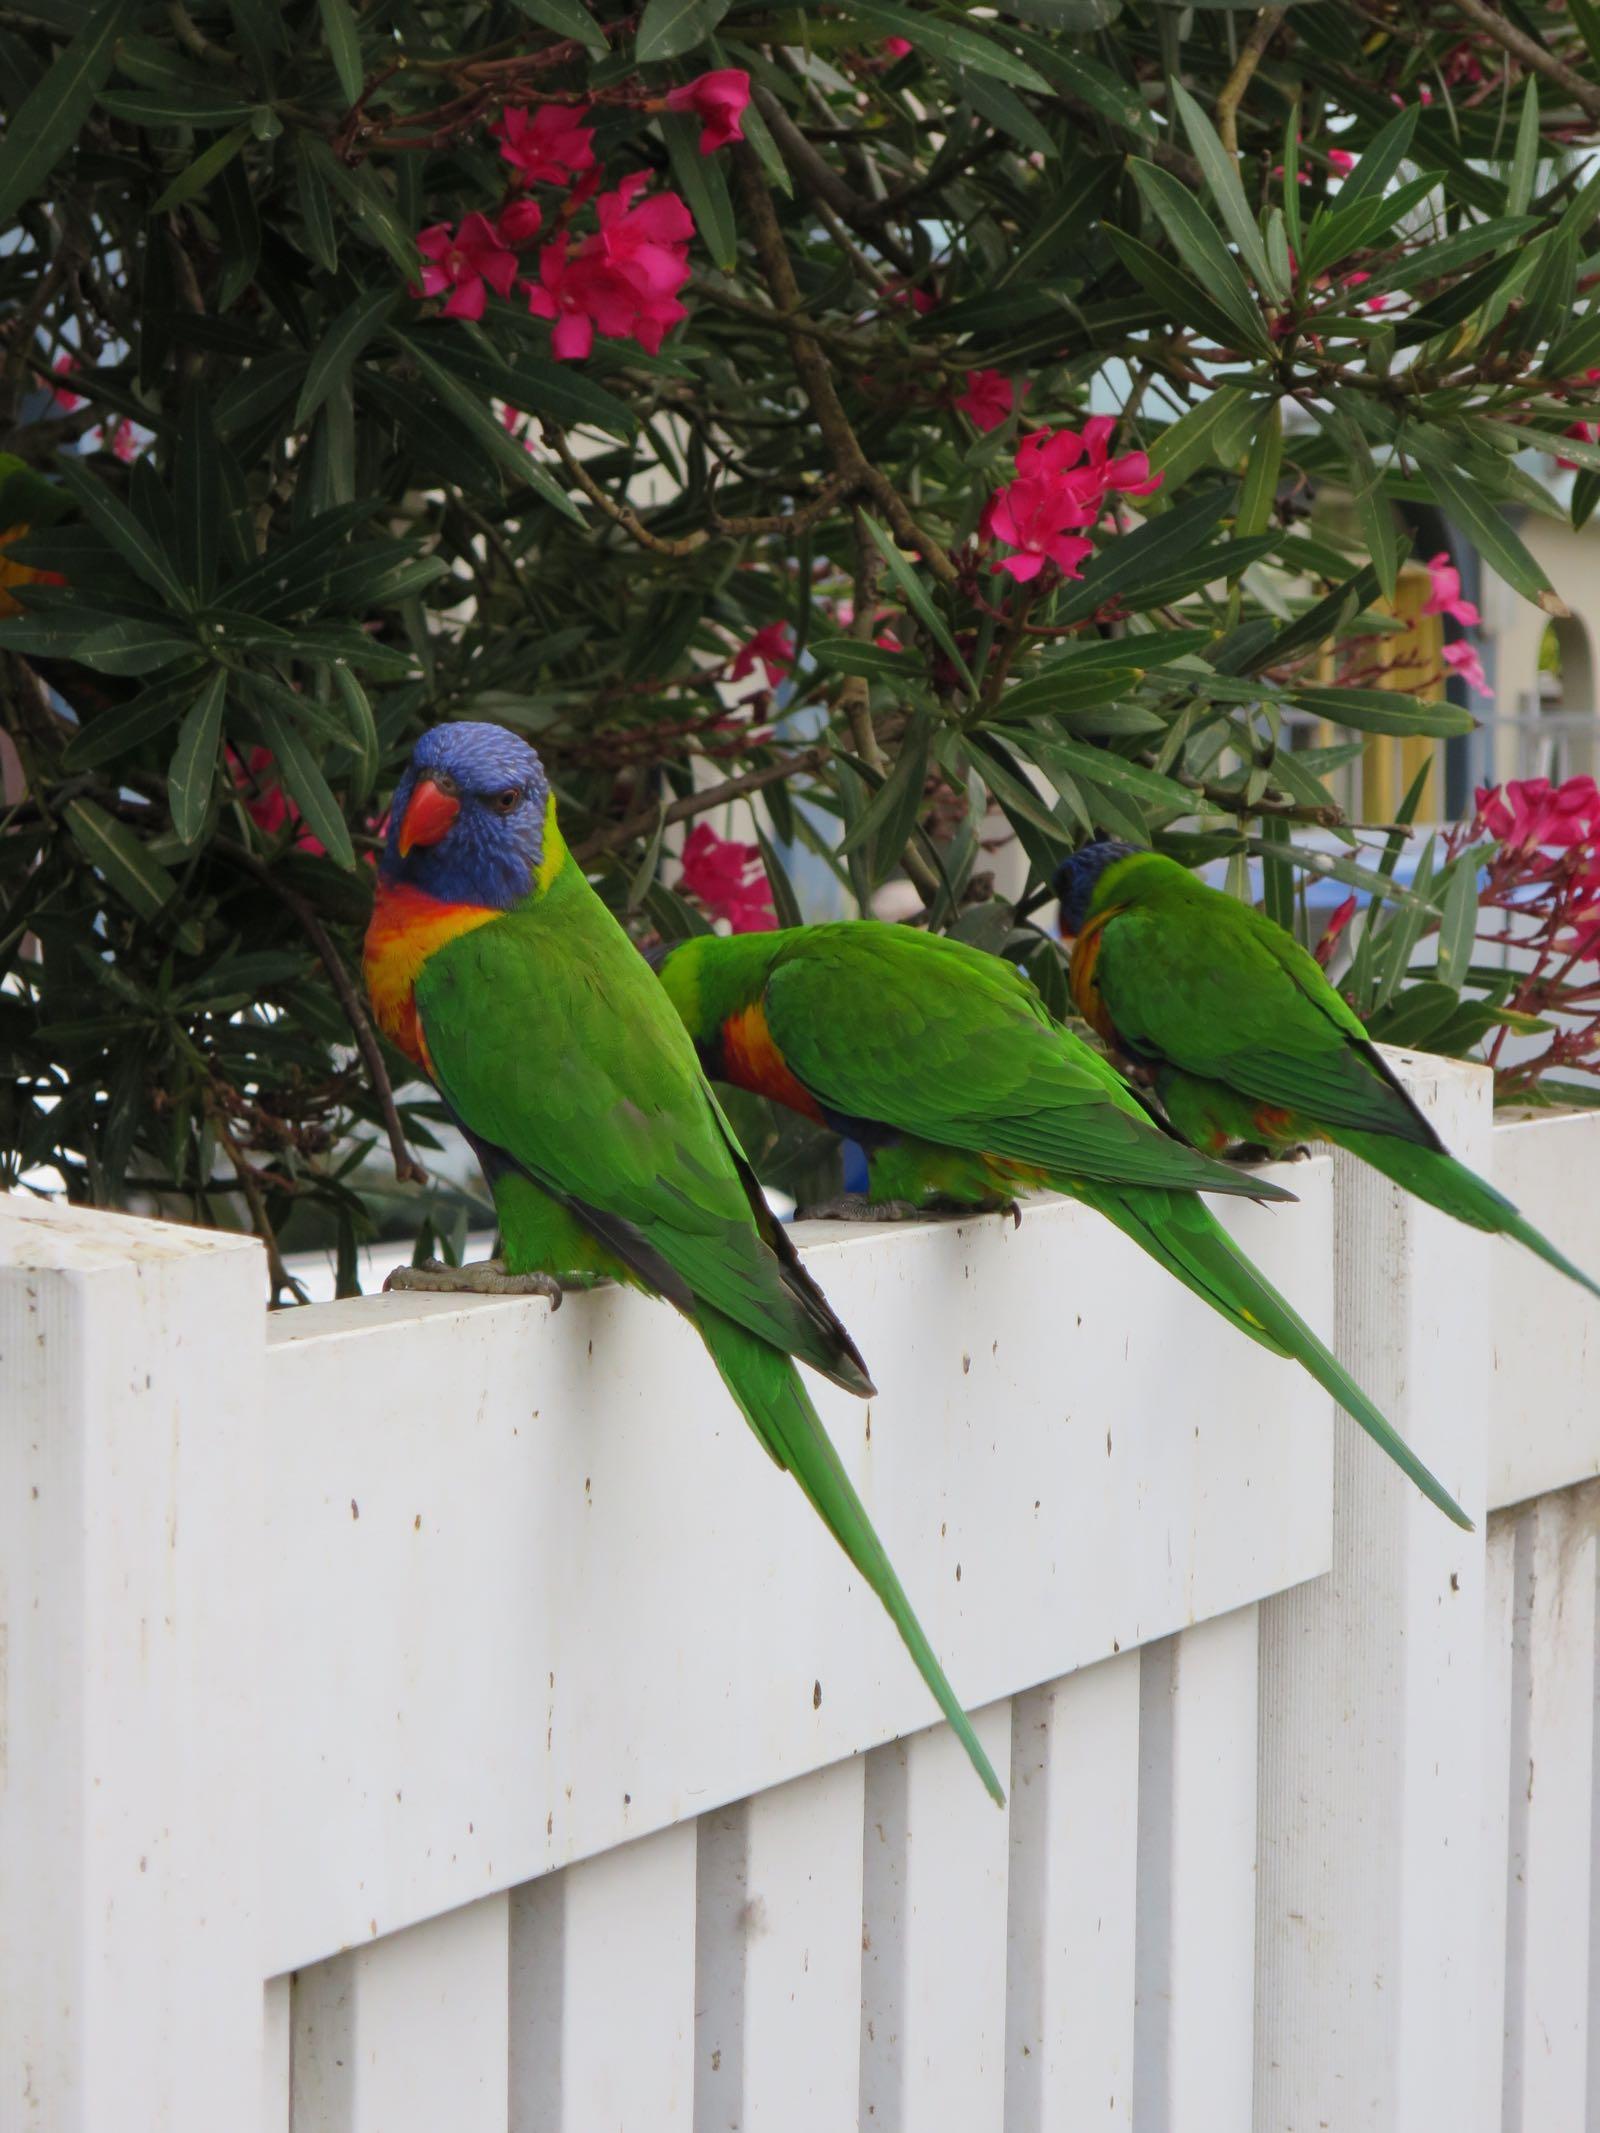 Luonnonvaraisia papukaijoja St.Kildassa! (Lorikeet)